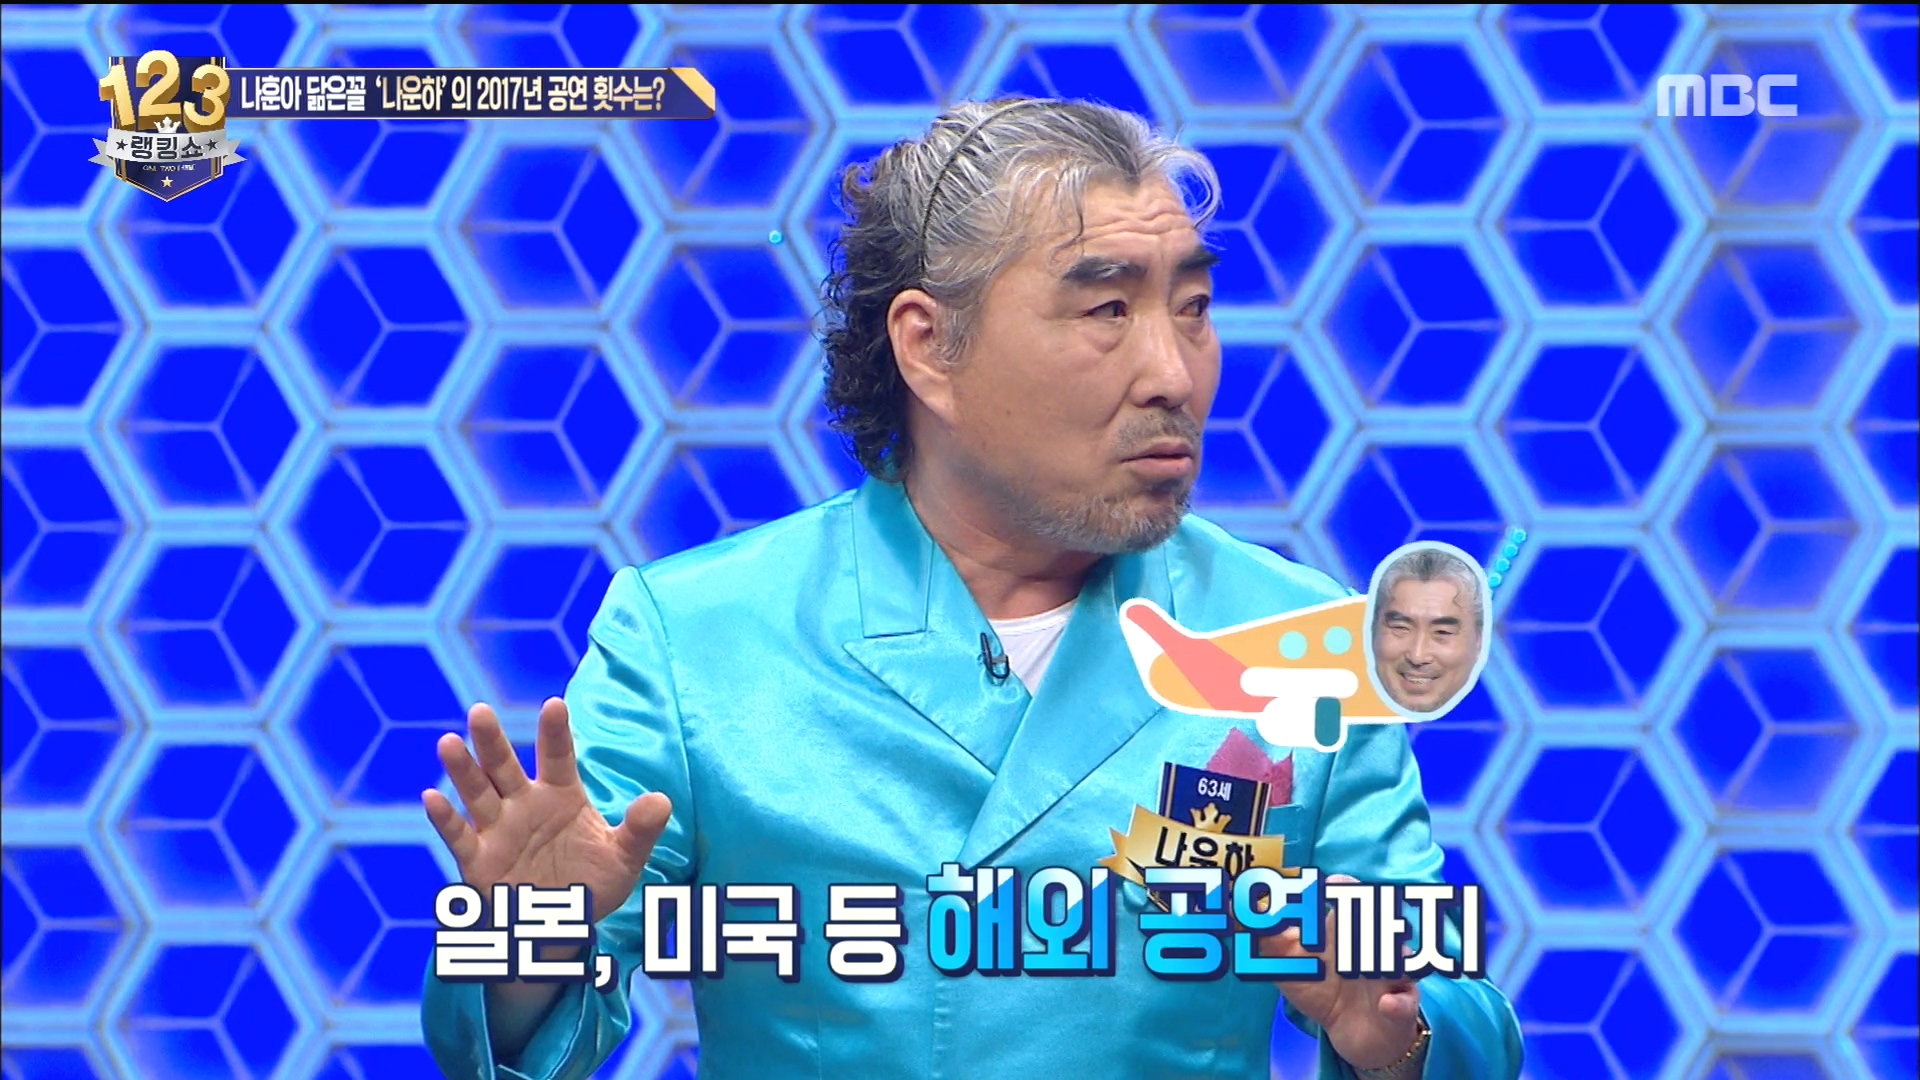 '나운하'의 공연은 한국을 넘어서 해외 공연까지?!